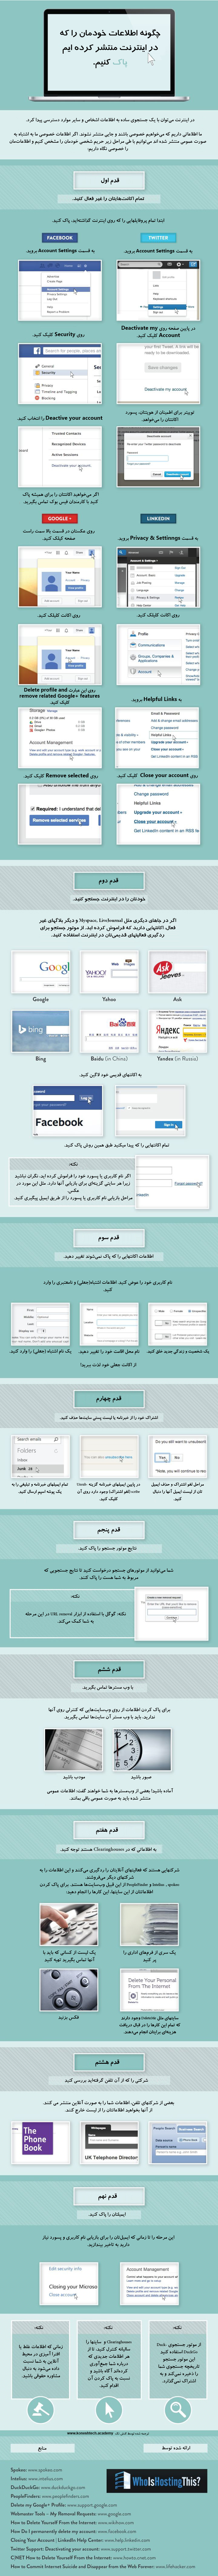 چگونگی پاک کردن اطلاعات از اینترنت